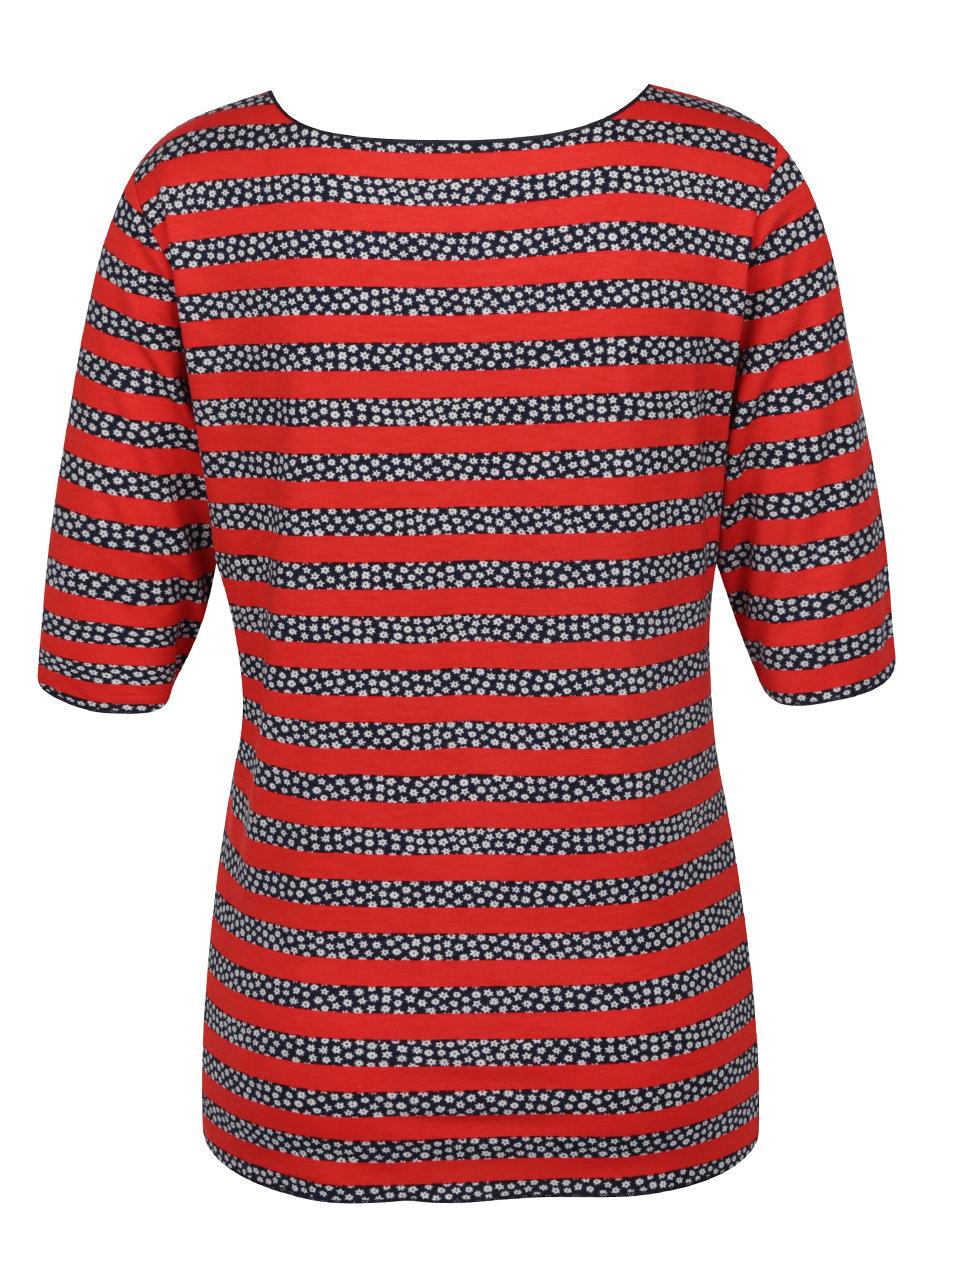 947e2bca58 Modro-červené dámske prúžkované tričko Tommy Hilfiger ...